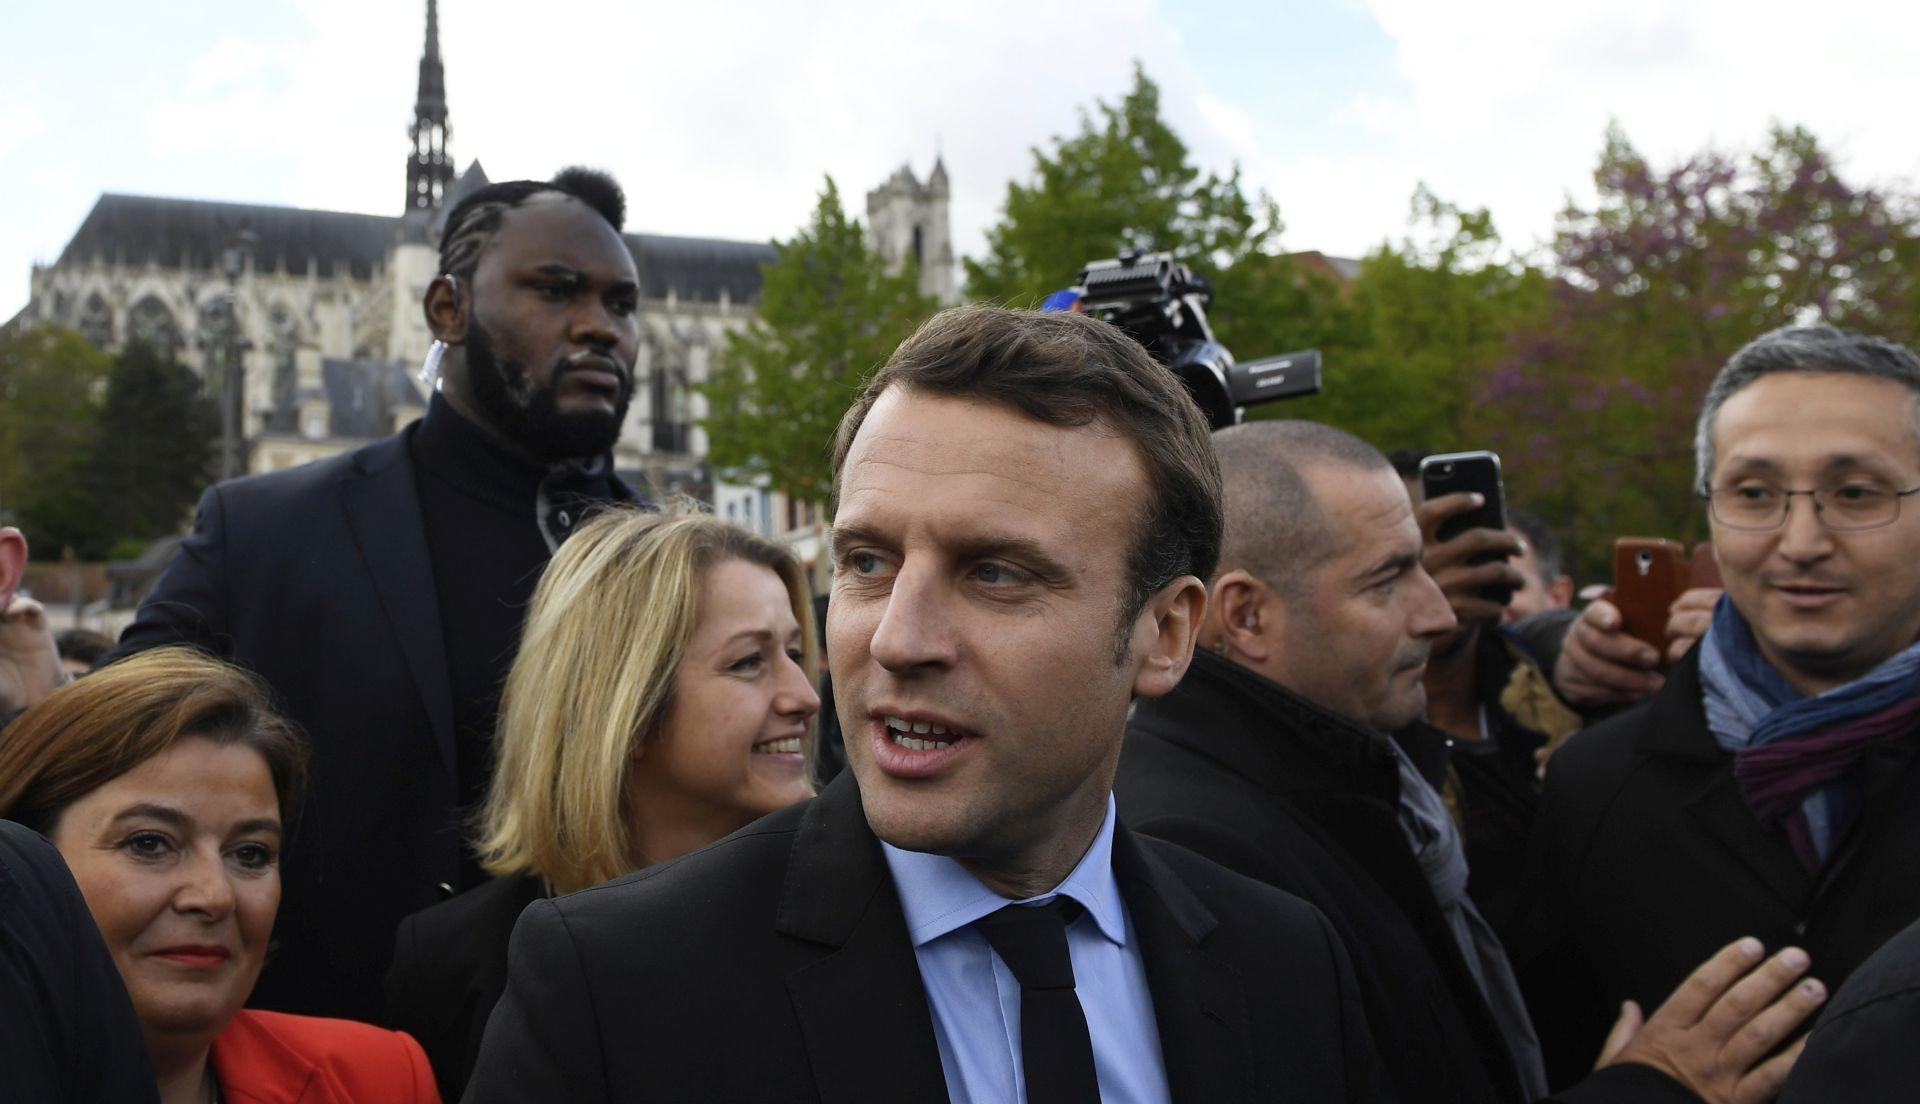 IZLAZNE ANKETE Emmanuel Macron novi je francuski predsjednik